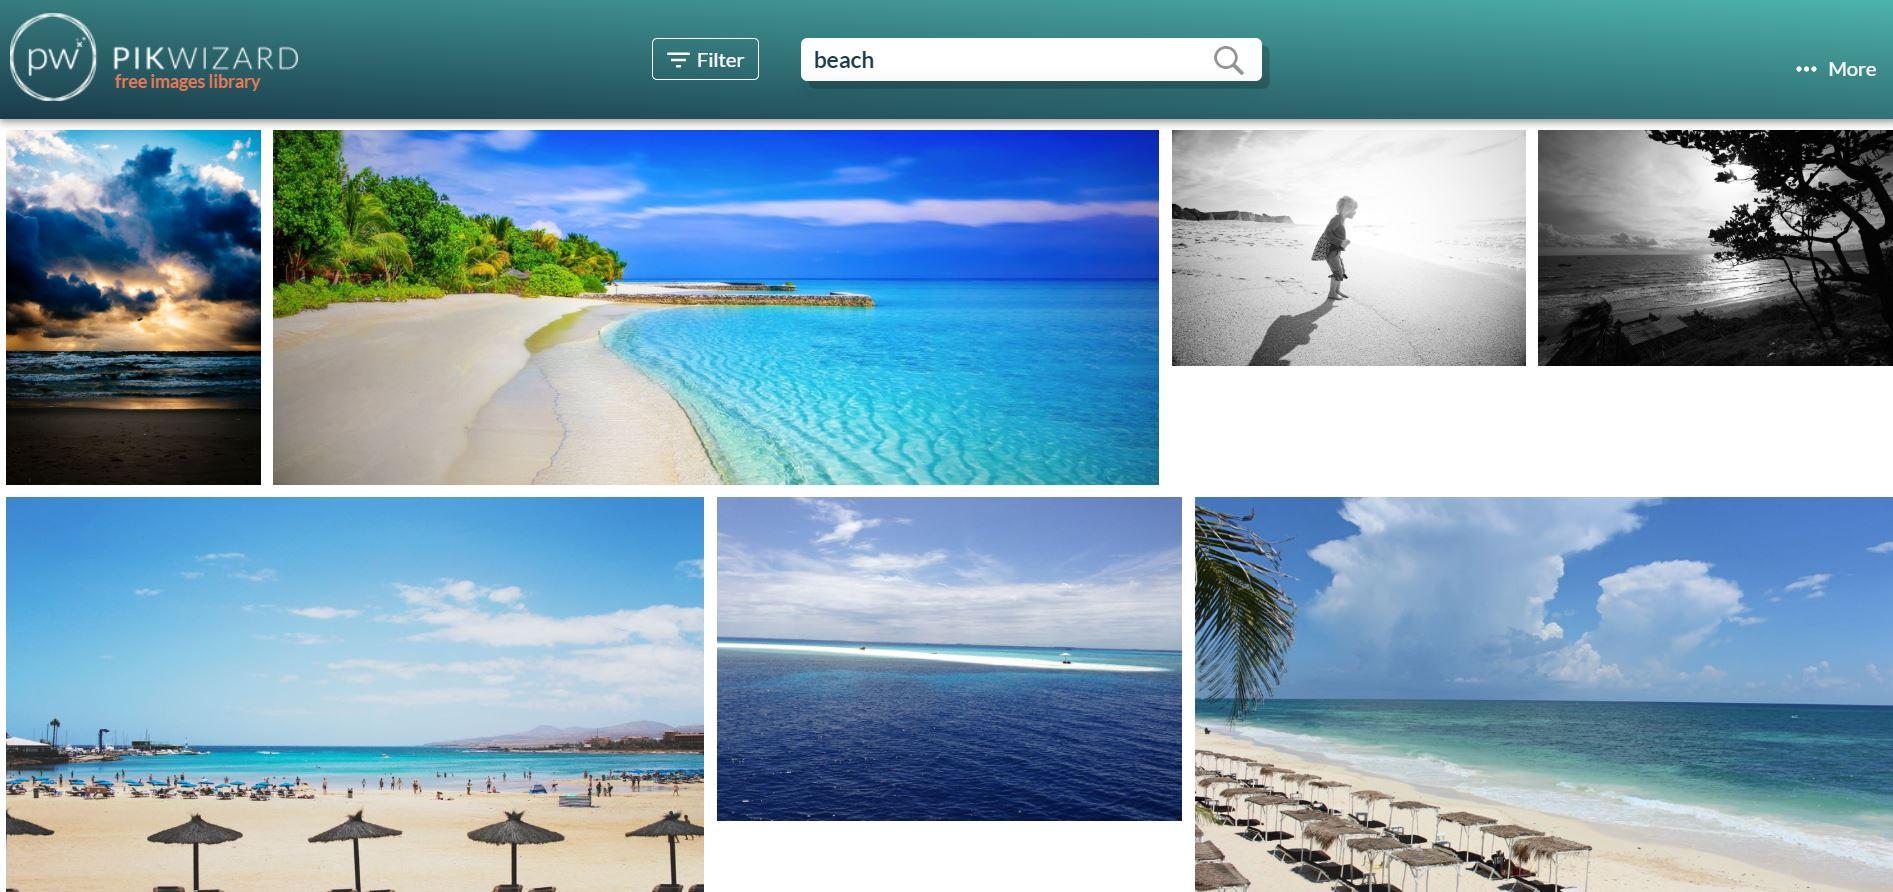 70 Bancos de Imagens Grátis Sites de Fotos Gratuitas 23